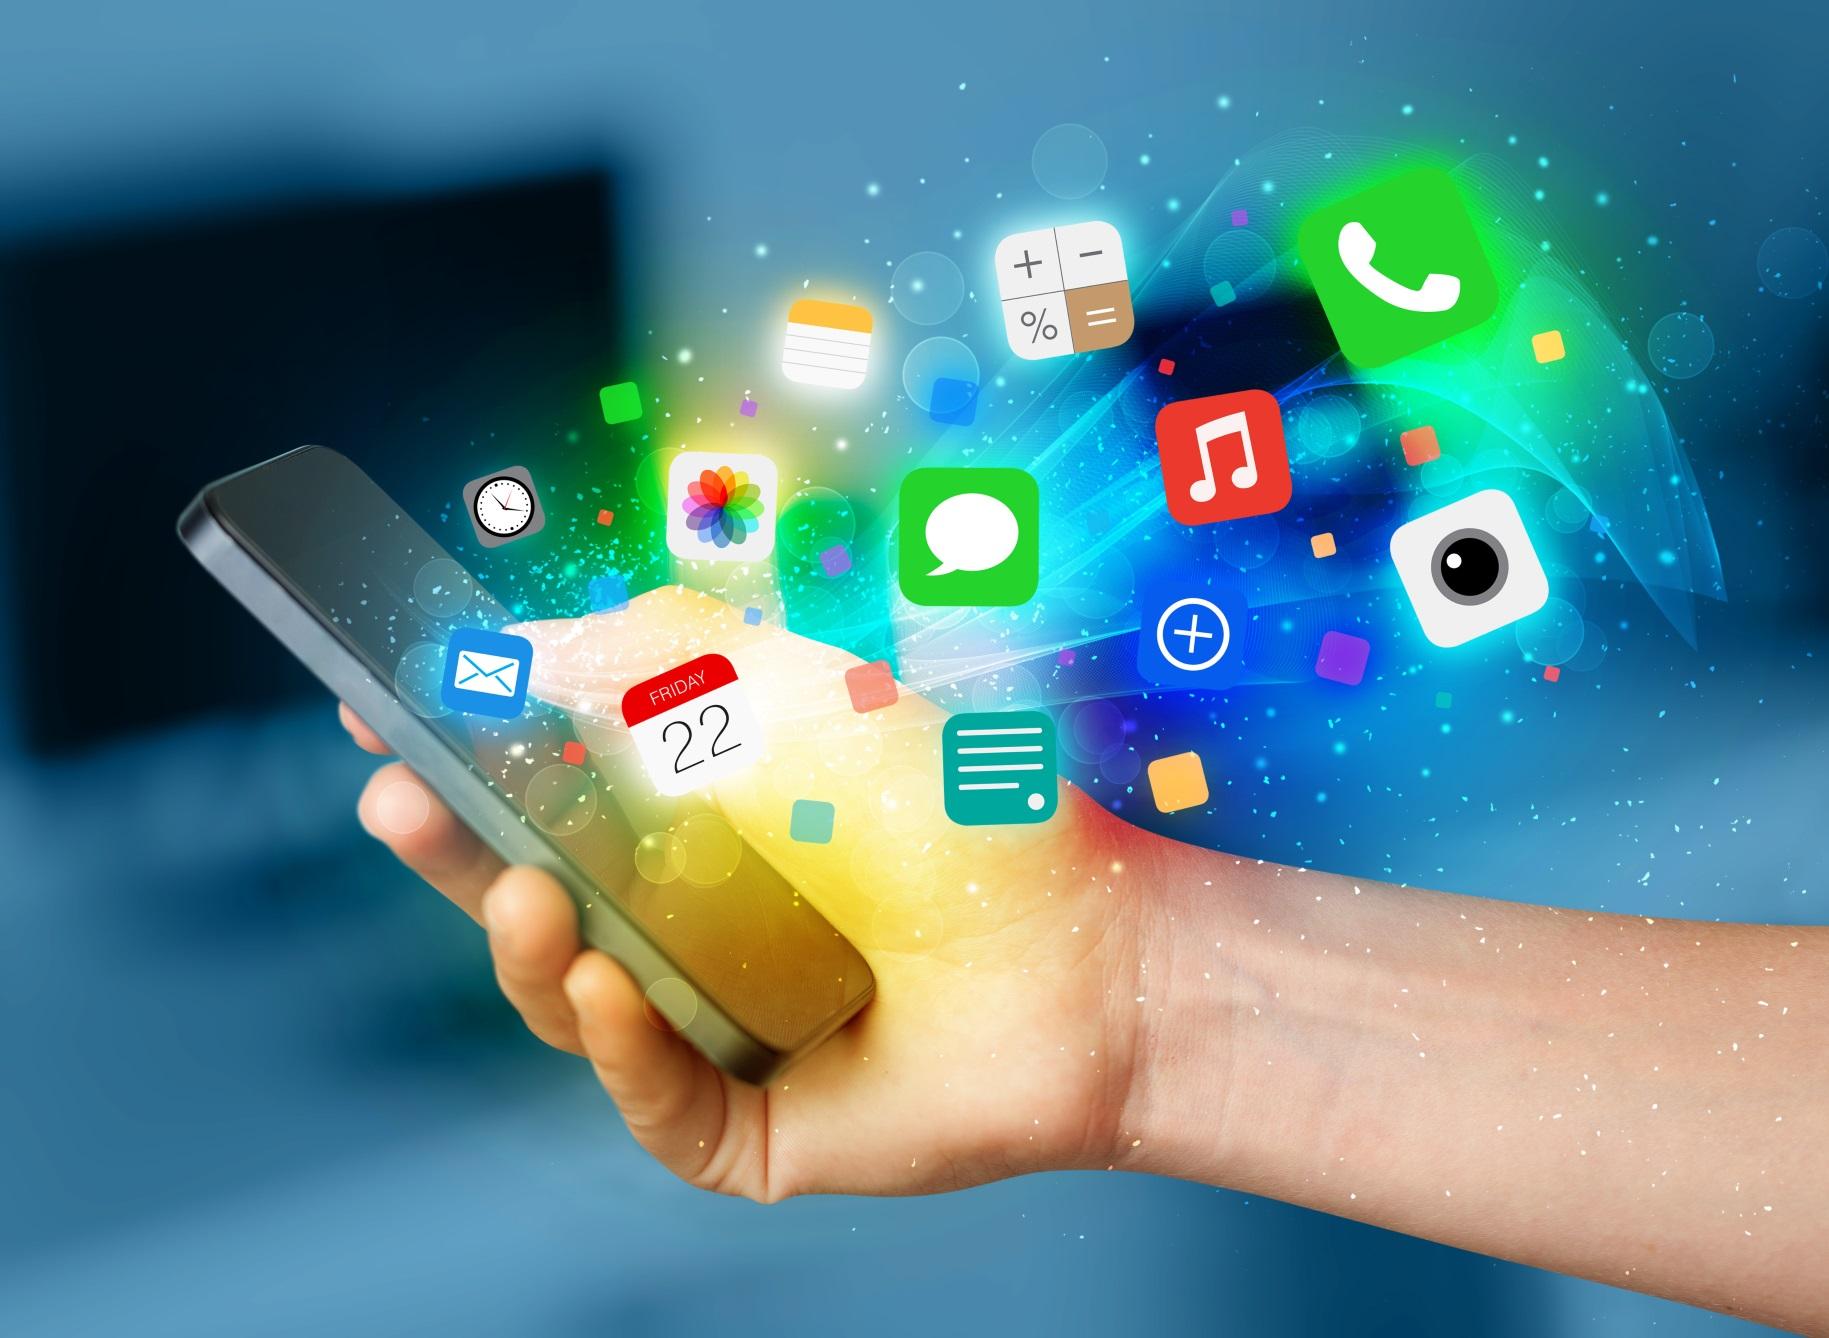 構成プロファイルとは?iPhoneで格安SIMにMNPするときの削除・設定方法